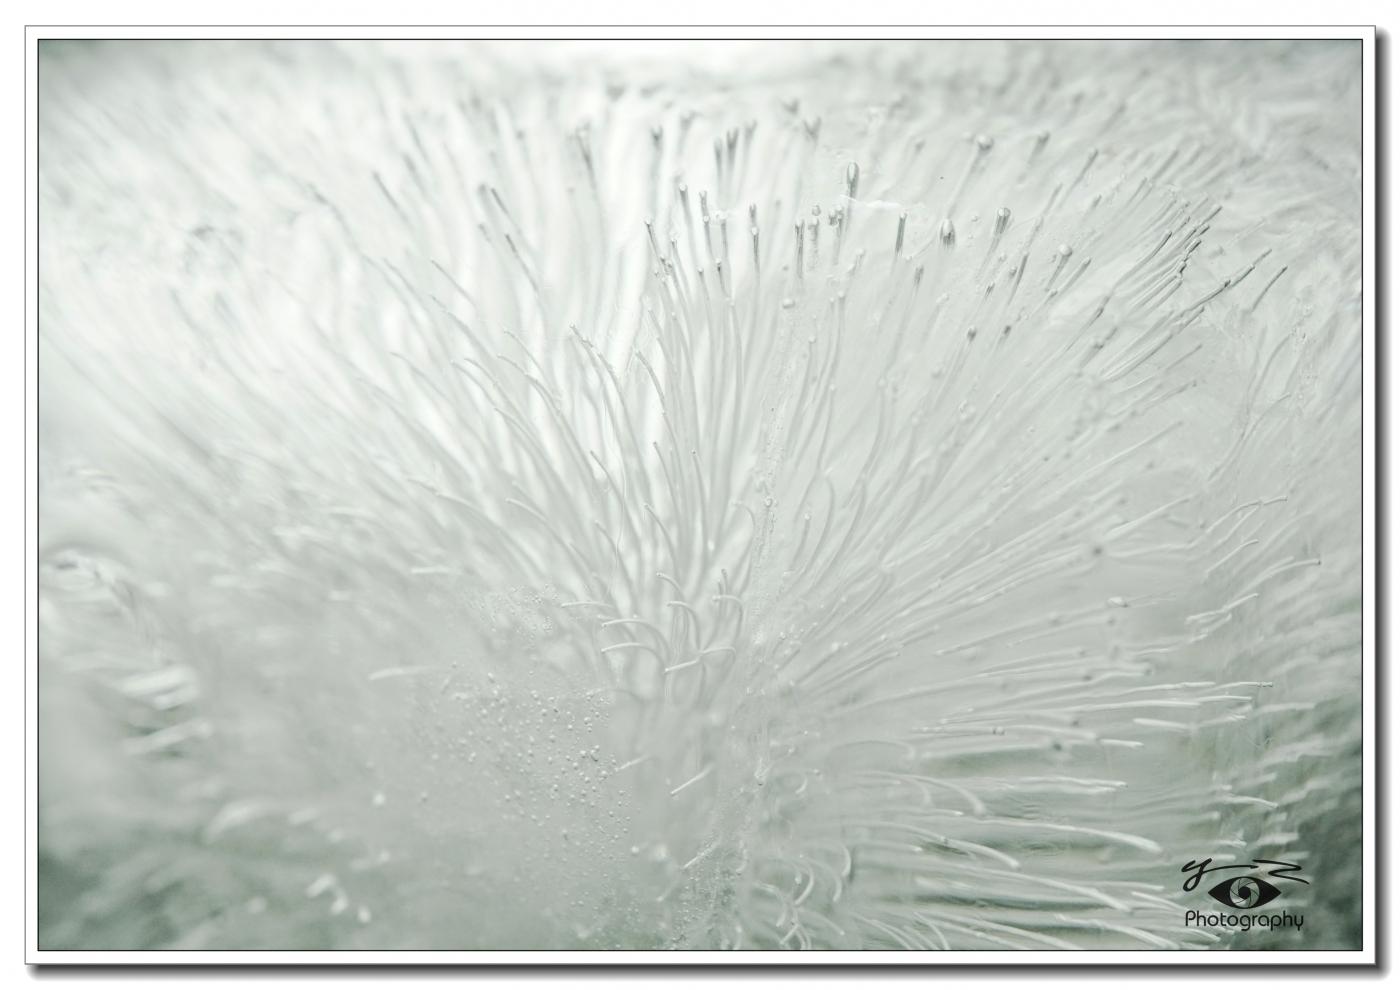 【相机人生】冰的解析之一(491)_图1-5